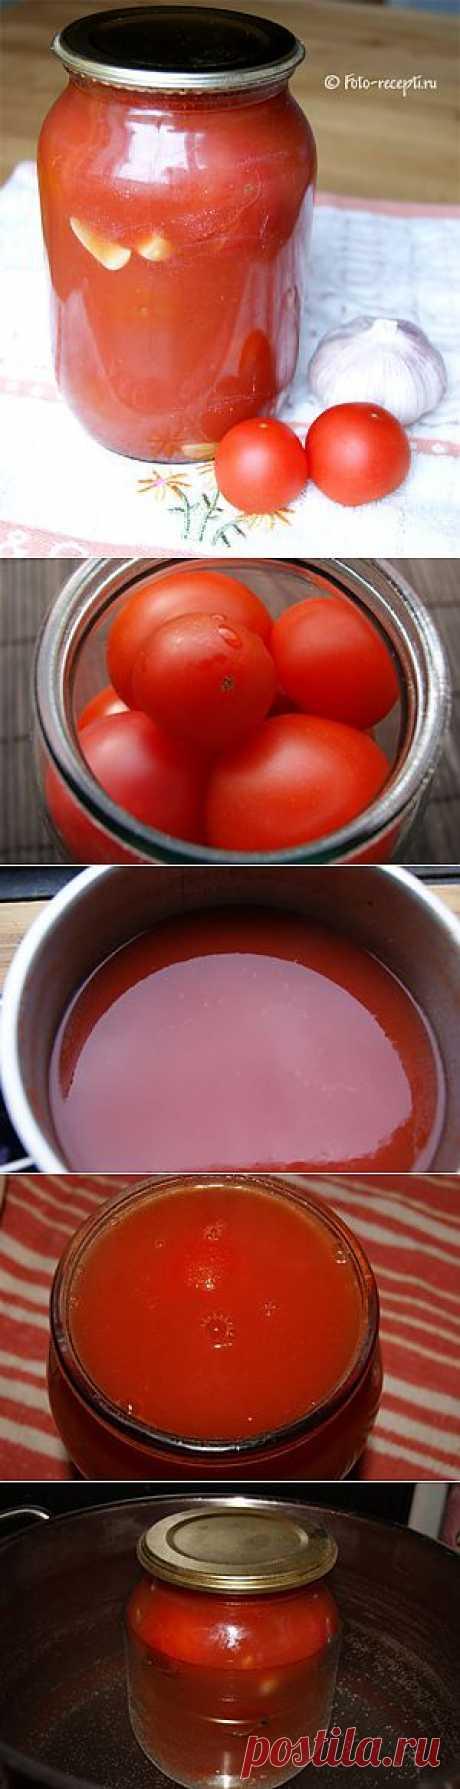 Помидоры в собственном соку с томатным соком и чесноком - Рецепты с фото пошагового приготовления на Фото-Рецепты. ру